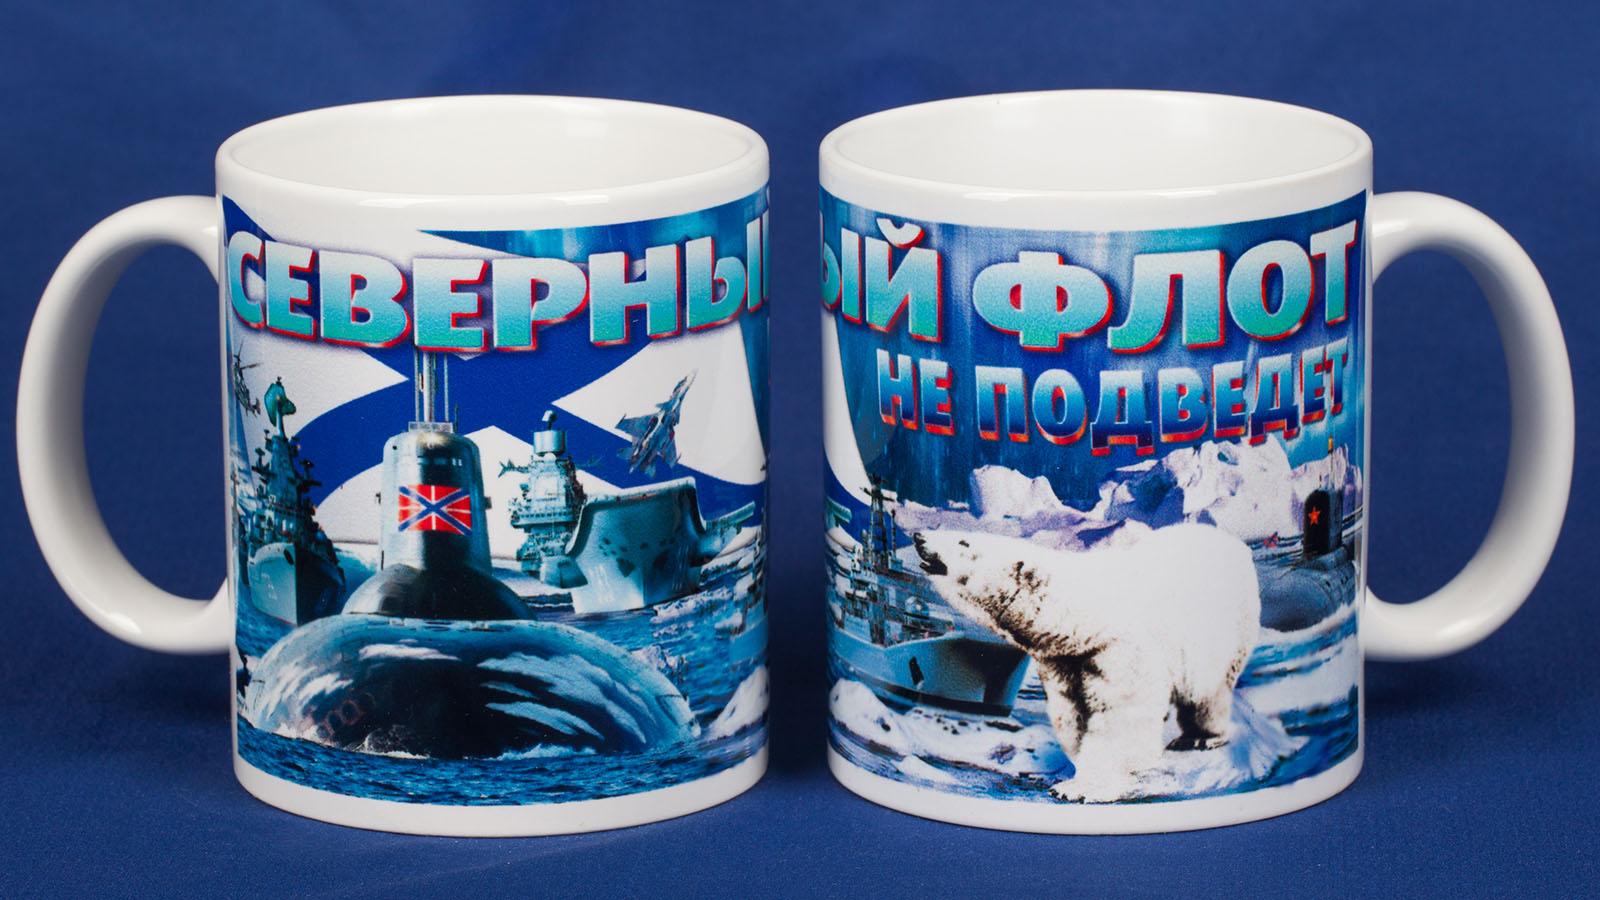 """Кружка """"Северный флот не подведёт"""" - купить онлайн"""